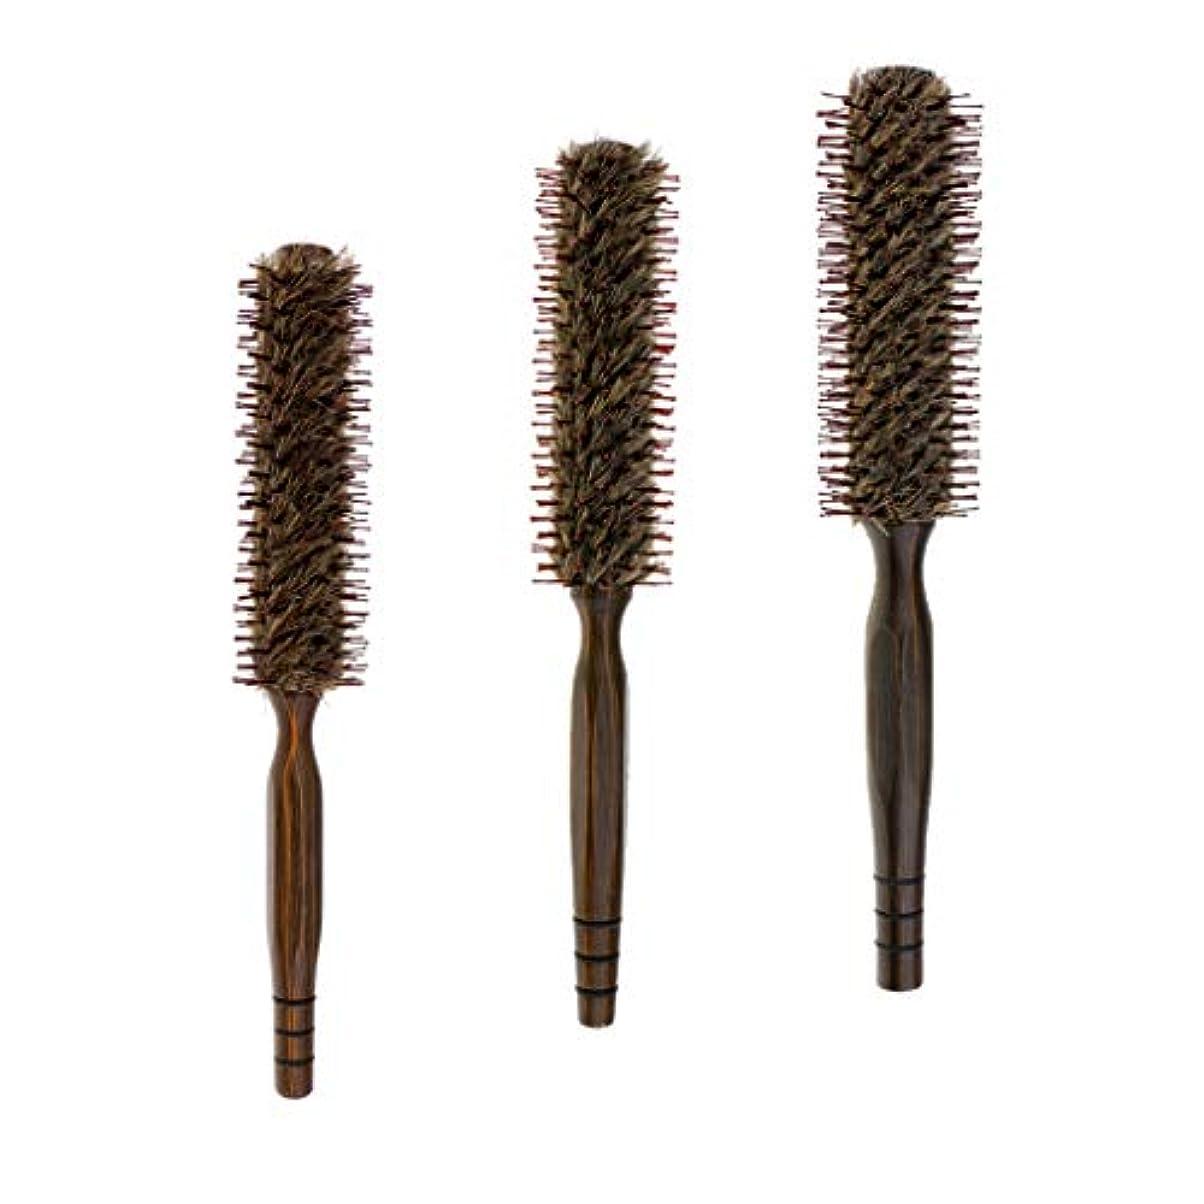 革命的非難する鉛3本 ヘアブラシ 木製櫛 ロールブラシ プロ 美容師 ヘアサロン 自宅用